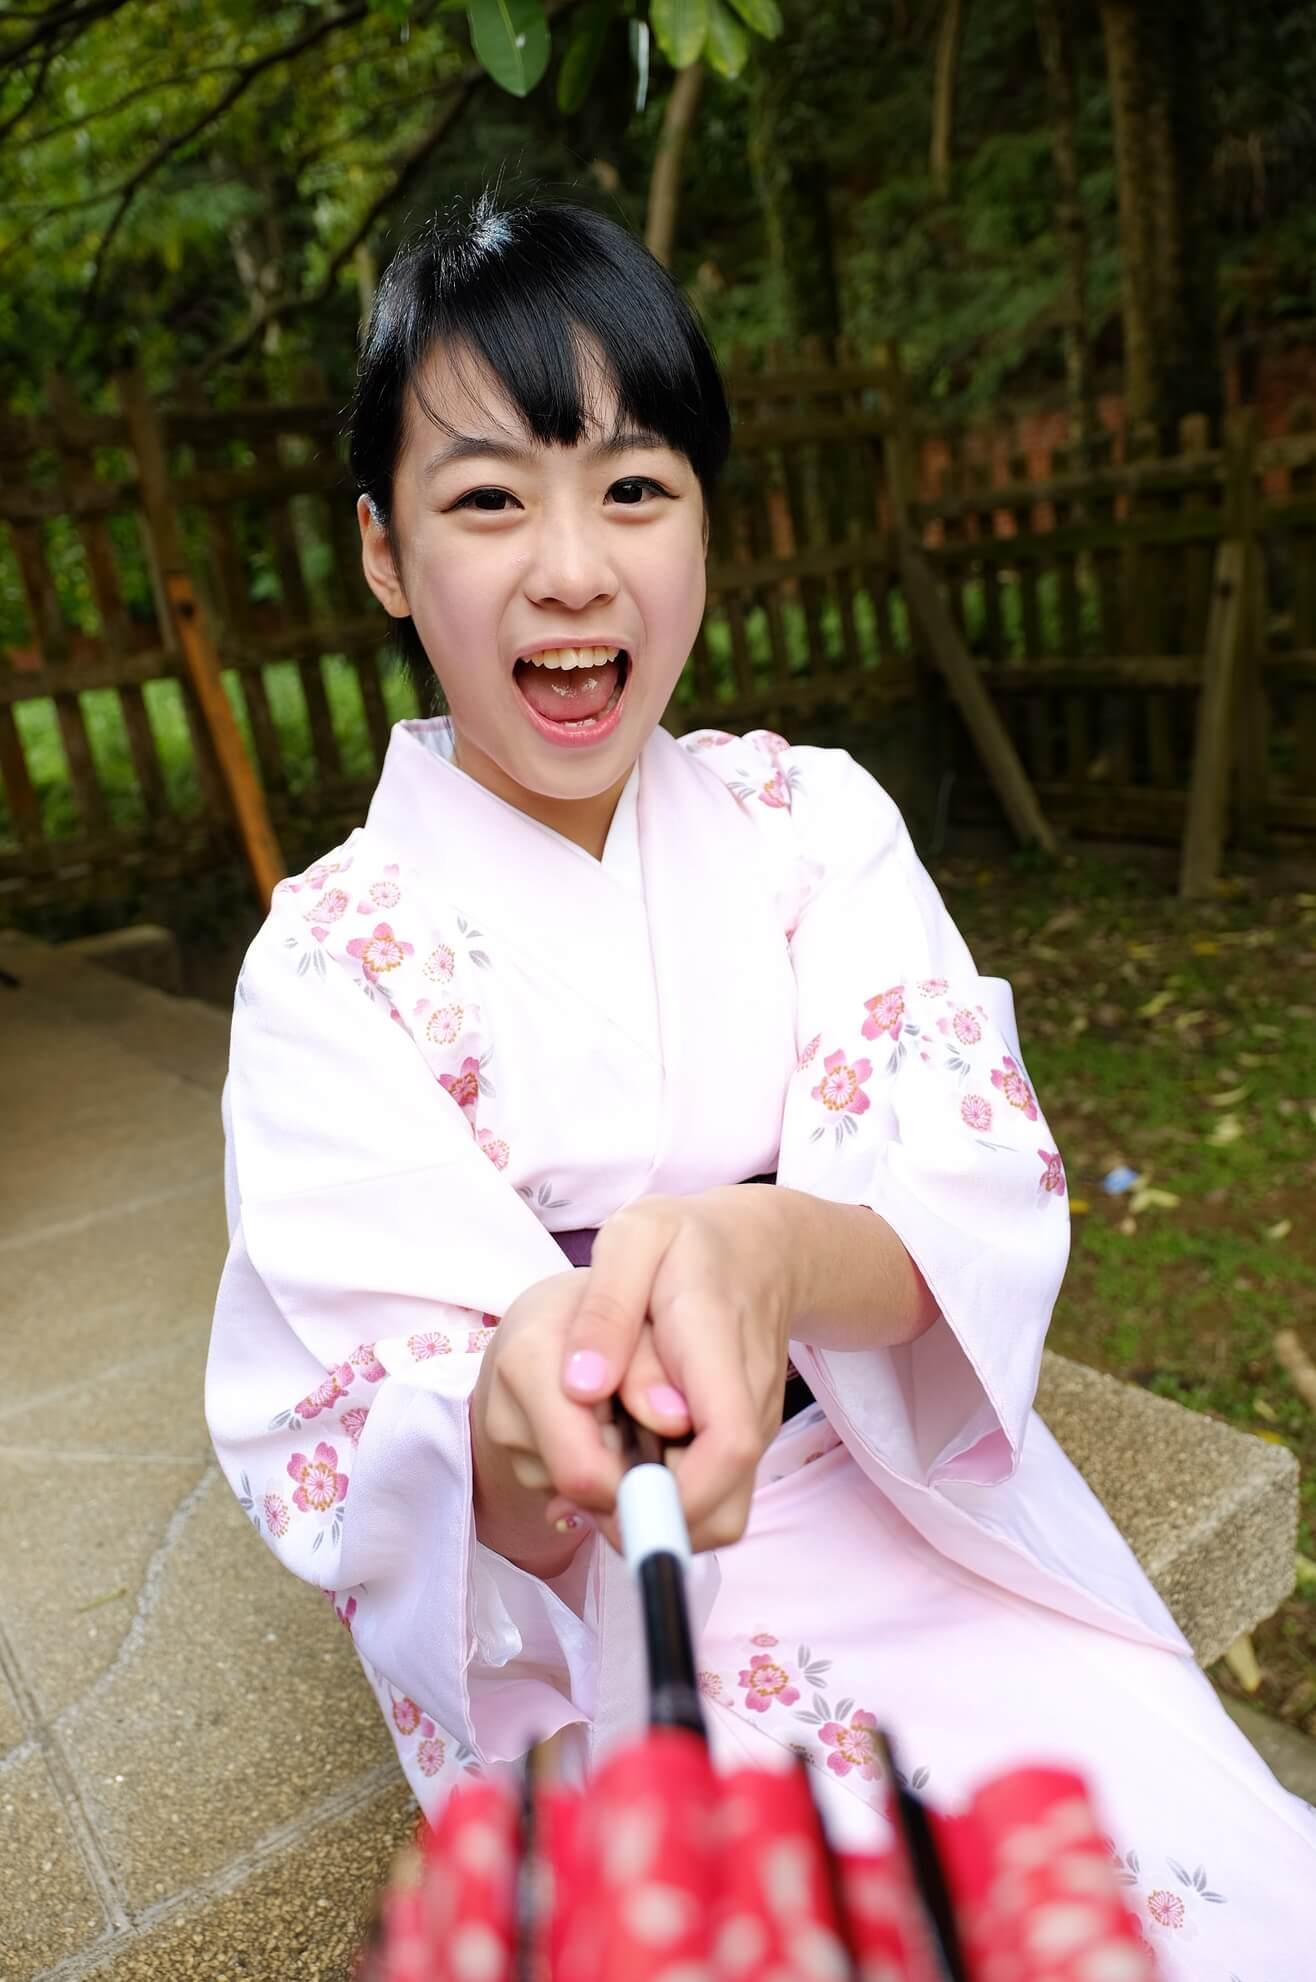 アジアン美少女のトロ汚舌 (3)